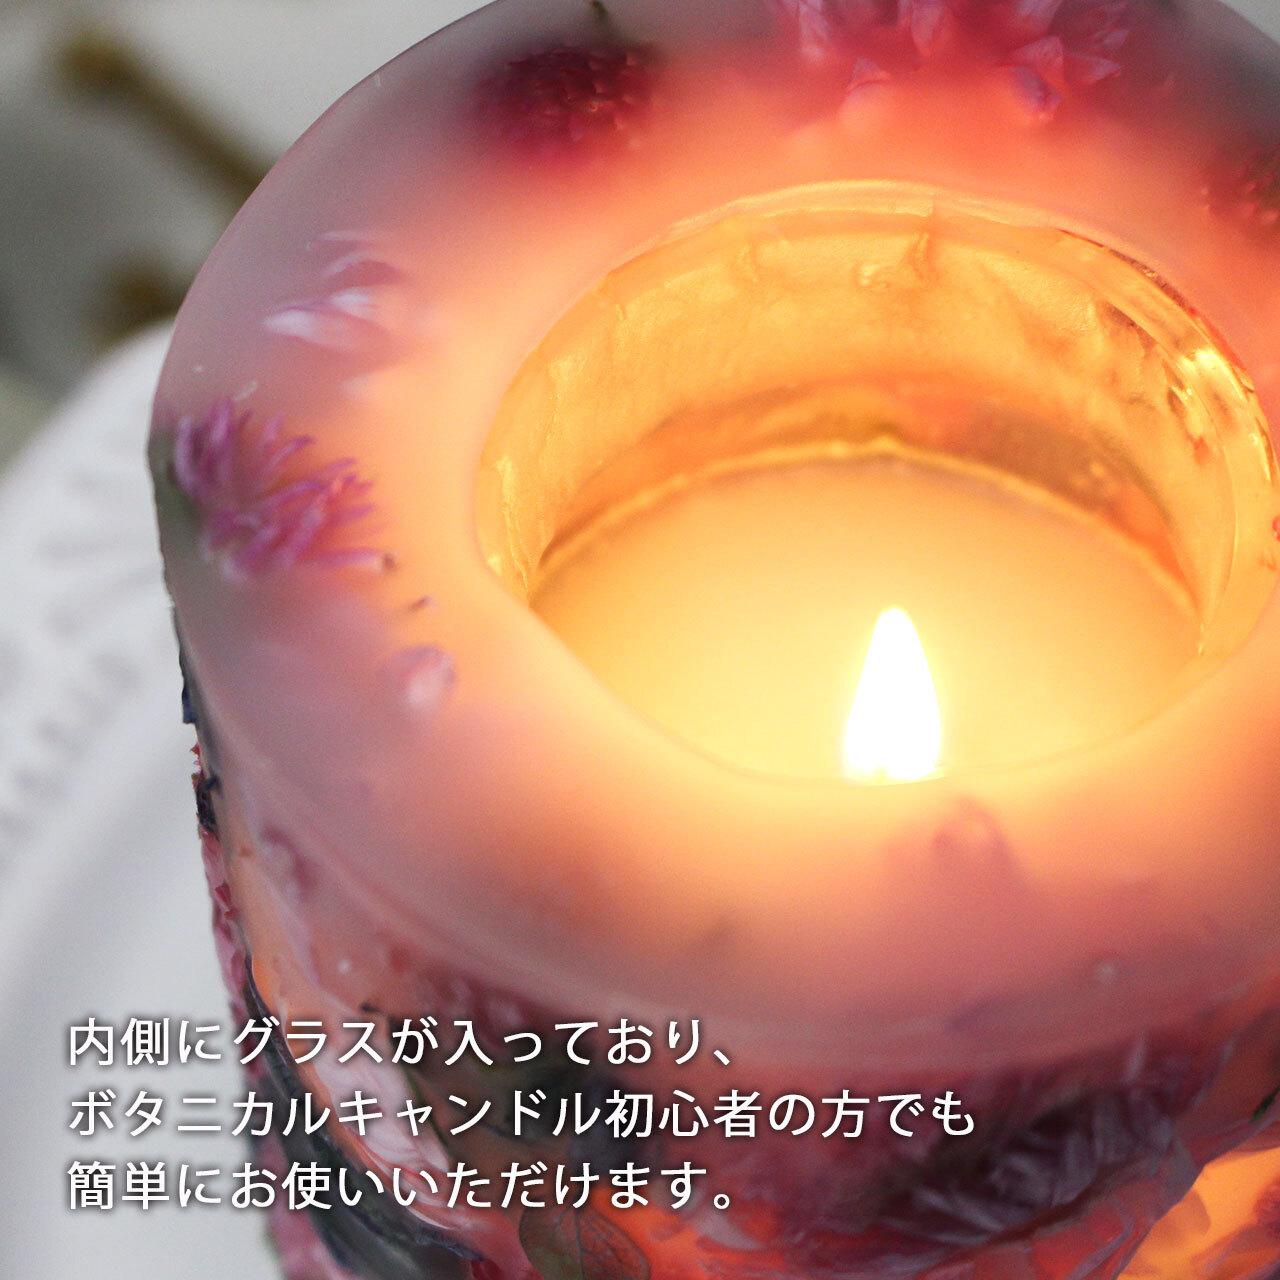 透明ラッピング&紙袋付き☆ボタニカルキャンドルギフト ジニア